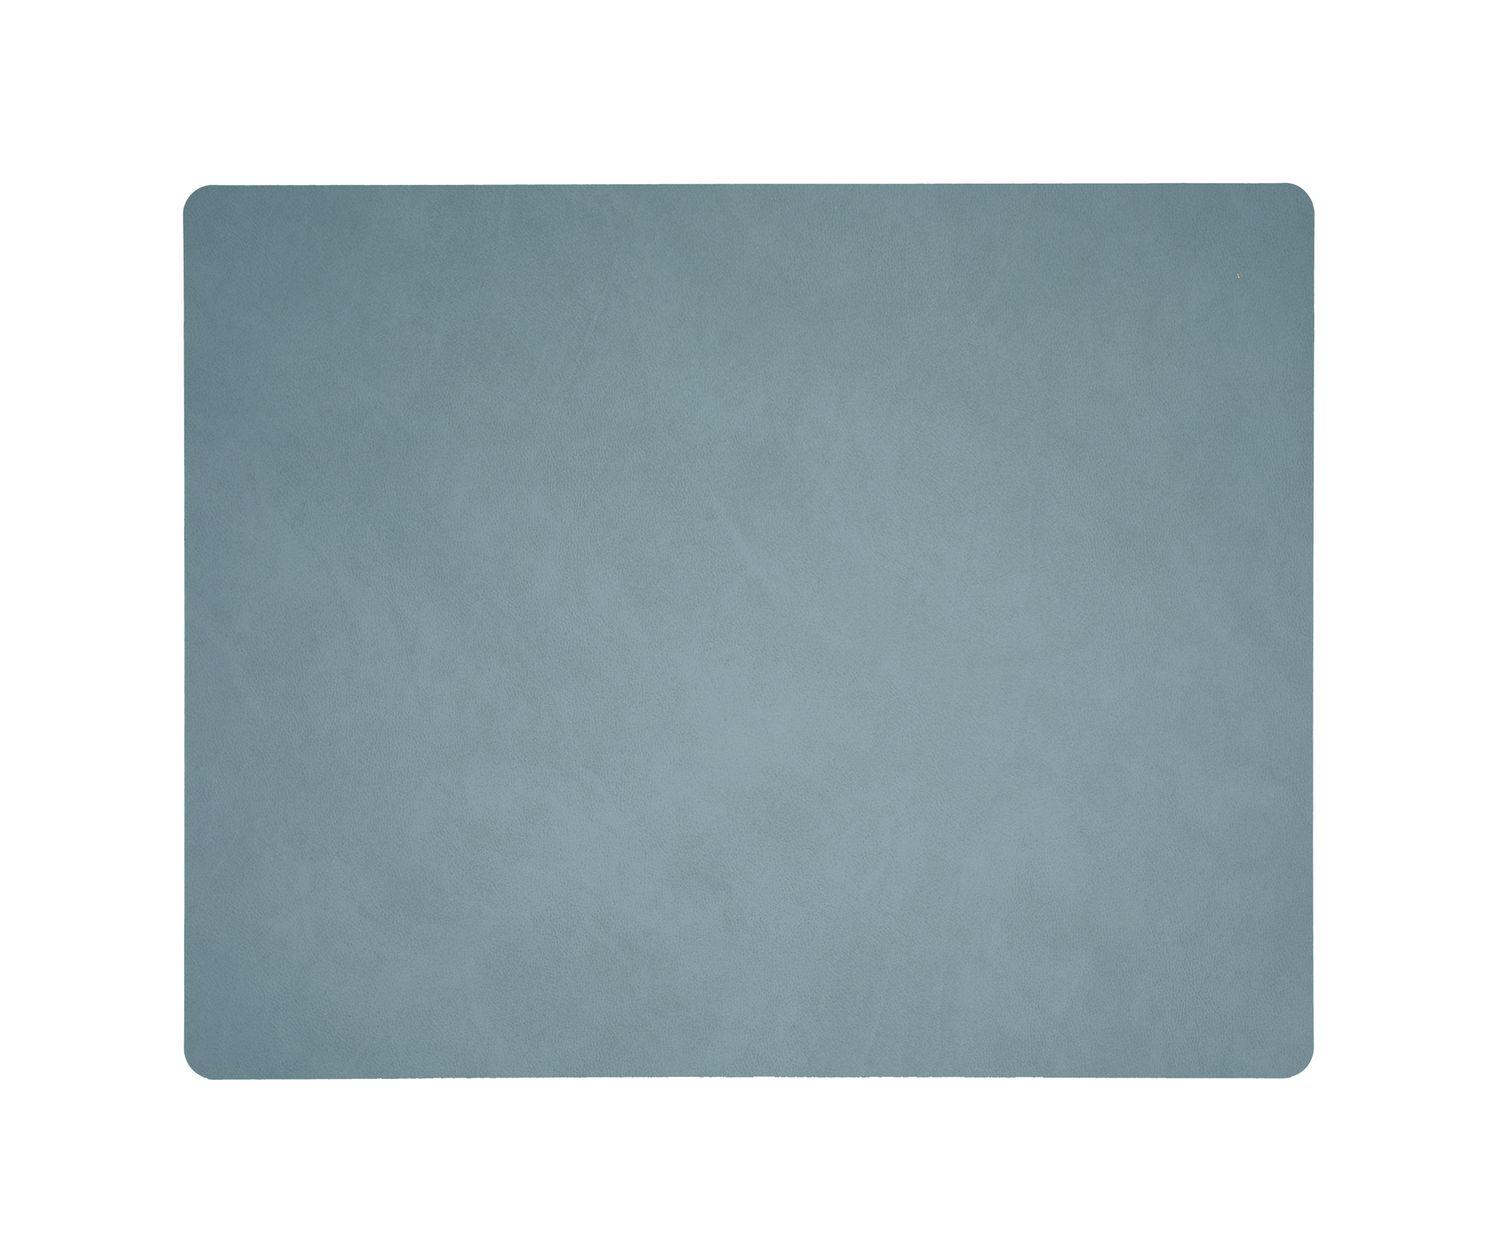 Lind Dna Tischset Square L, Nupo Light Blue – Bild 1